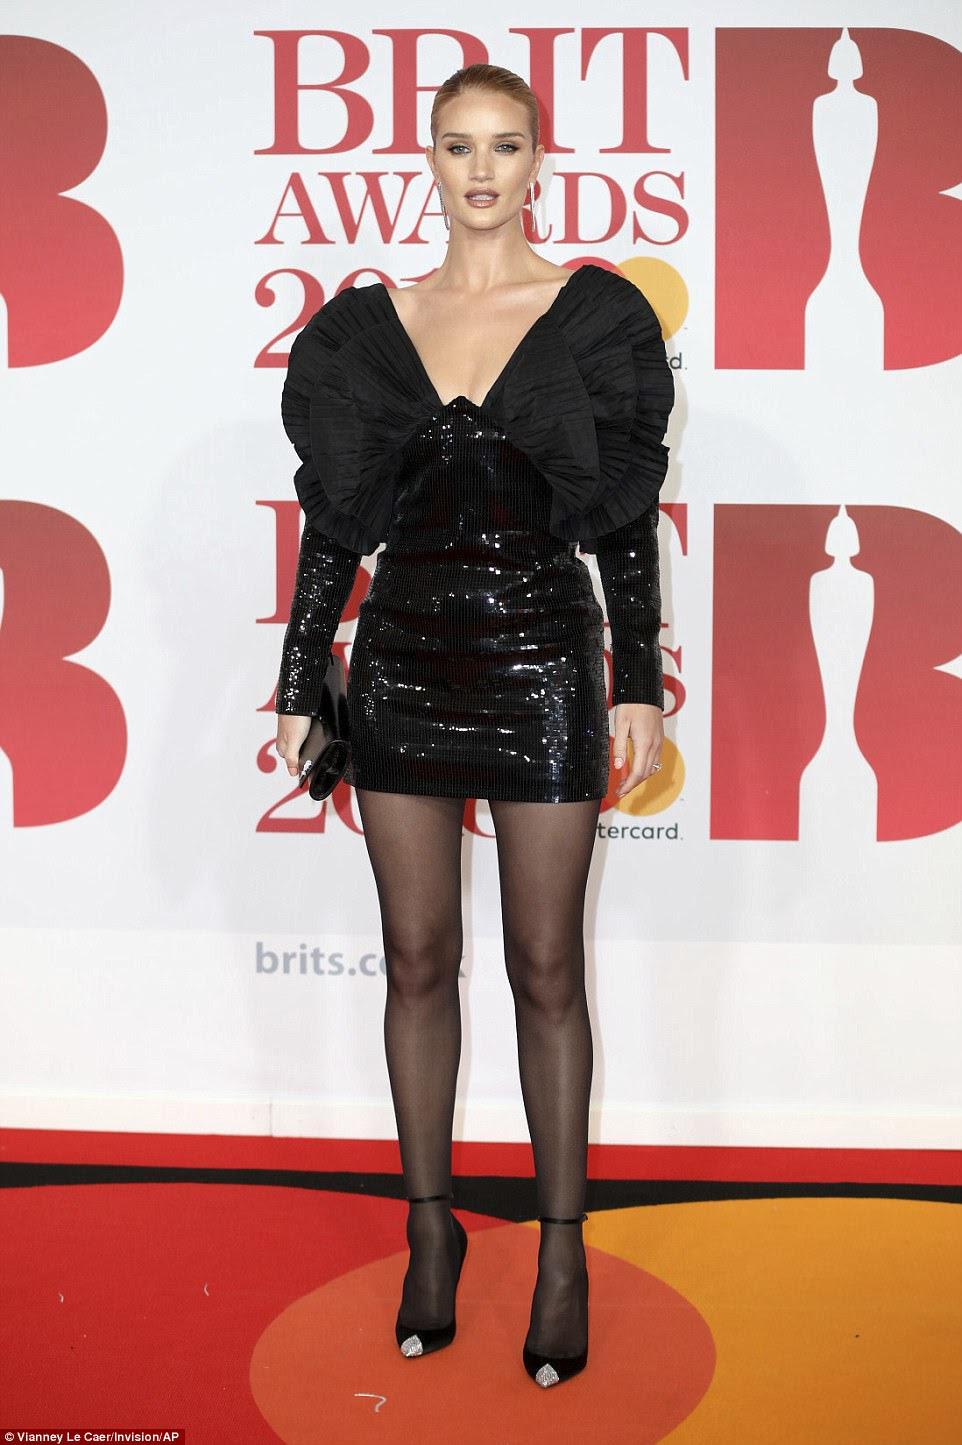 Rainha da passarela: imagens conjuntas do glamour dos anos 80, Rosie Huntington-Whiteley apresentava uma minidressão com lantejoulas com ombro distintivo